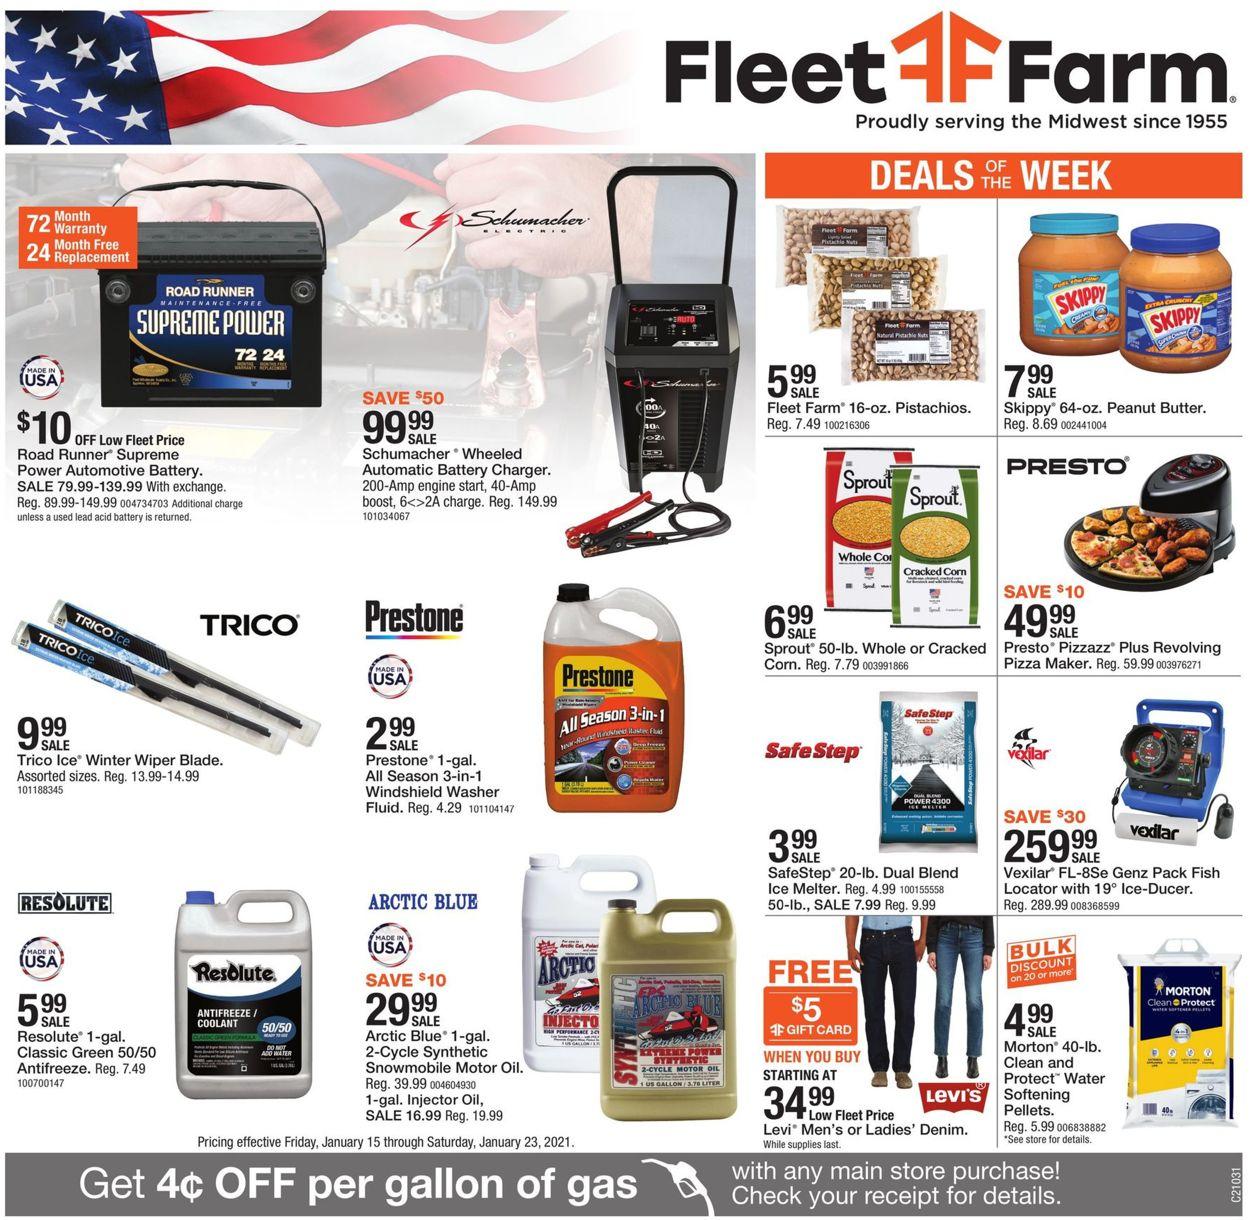 Mills Fleet Farm Weekly Ad Circular - valid 01/15-01/23/2021